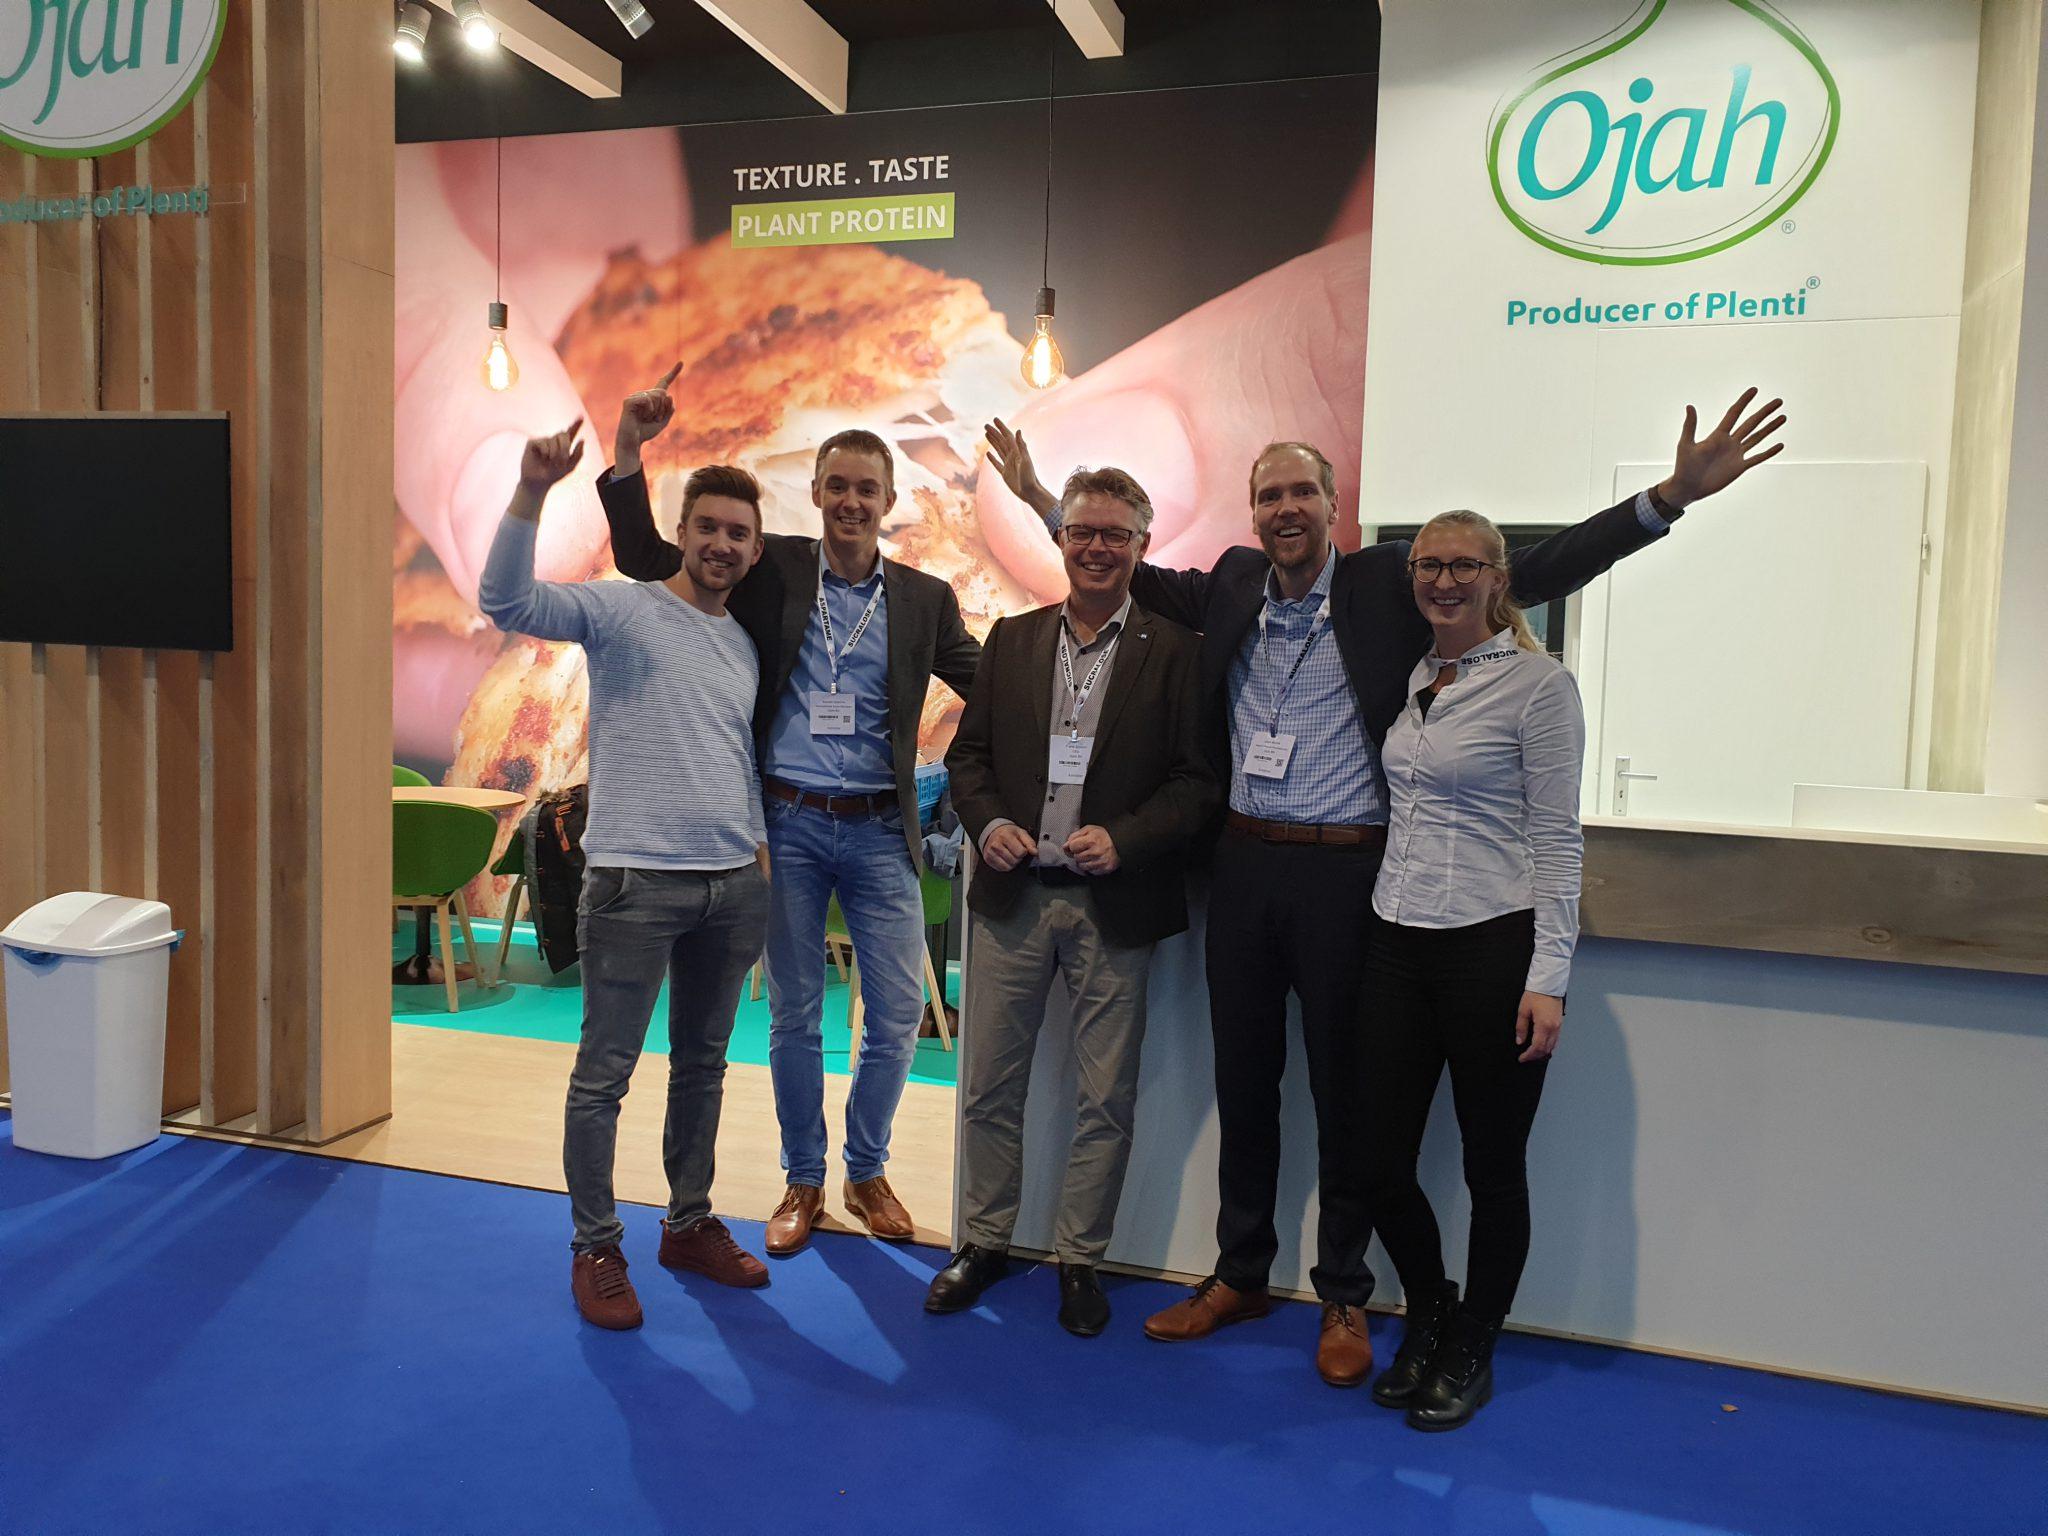 Food Ingredient Fair 2019 Ojah